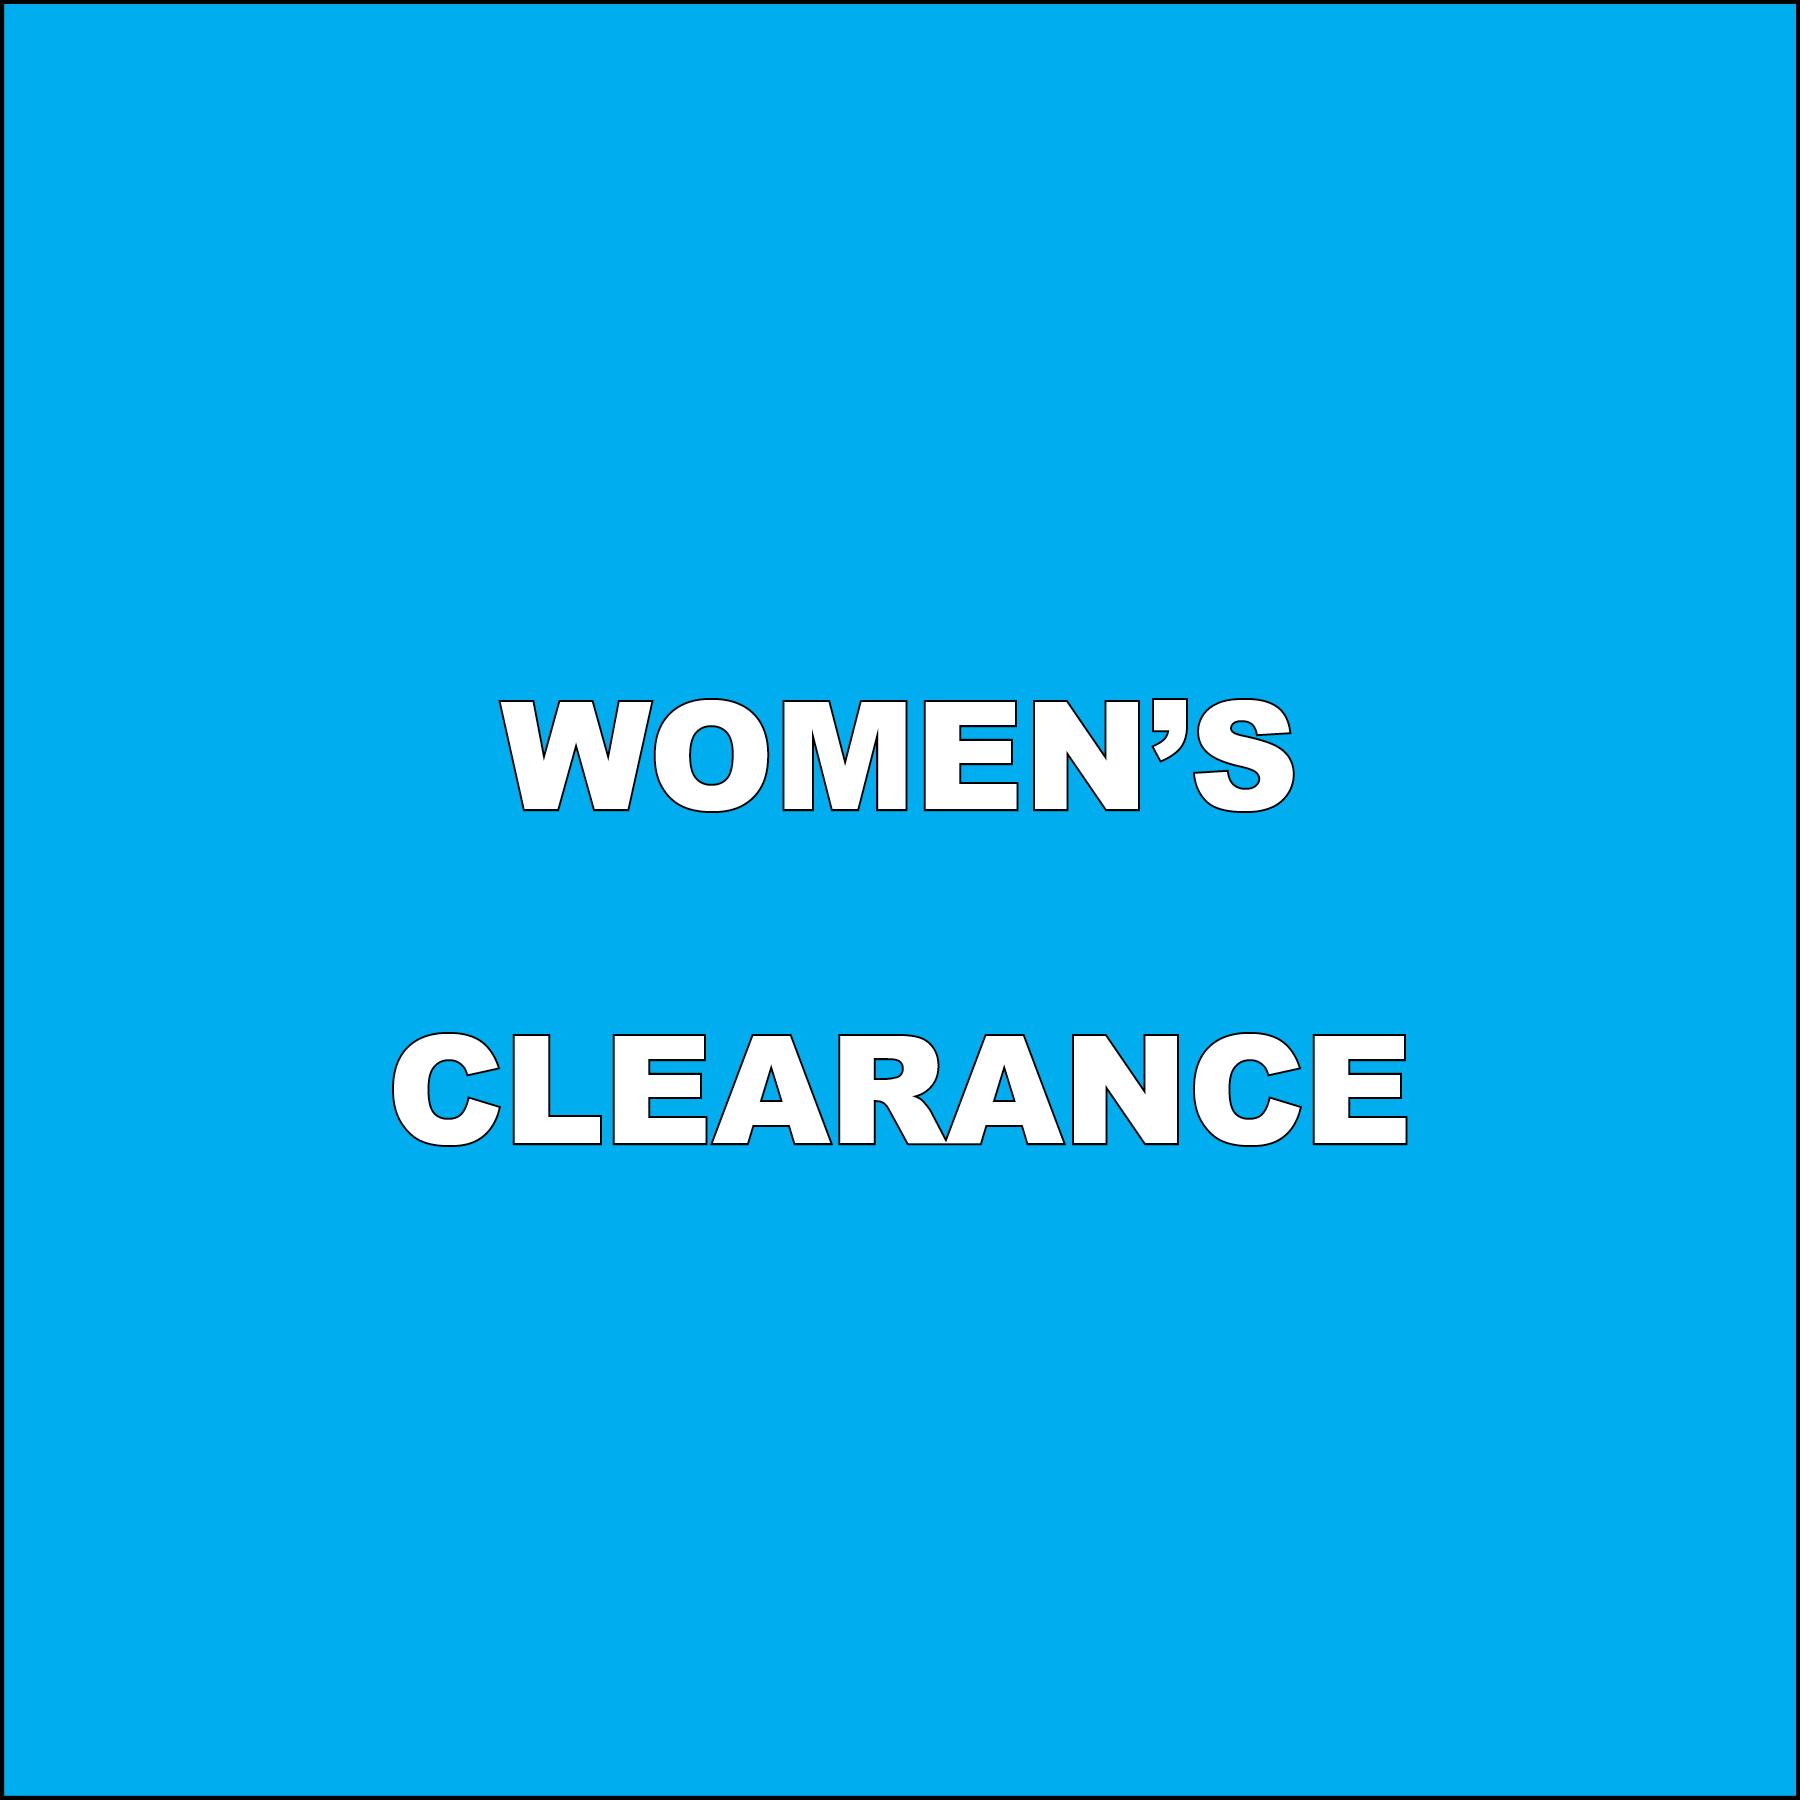 WOMEN'S CLEARANCEE.jpg